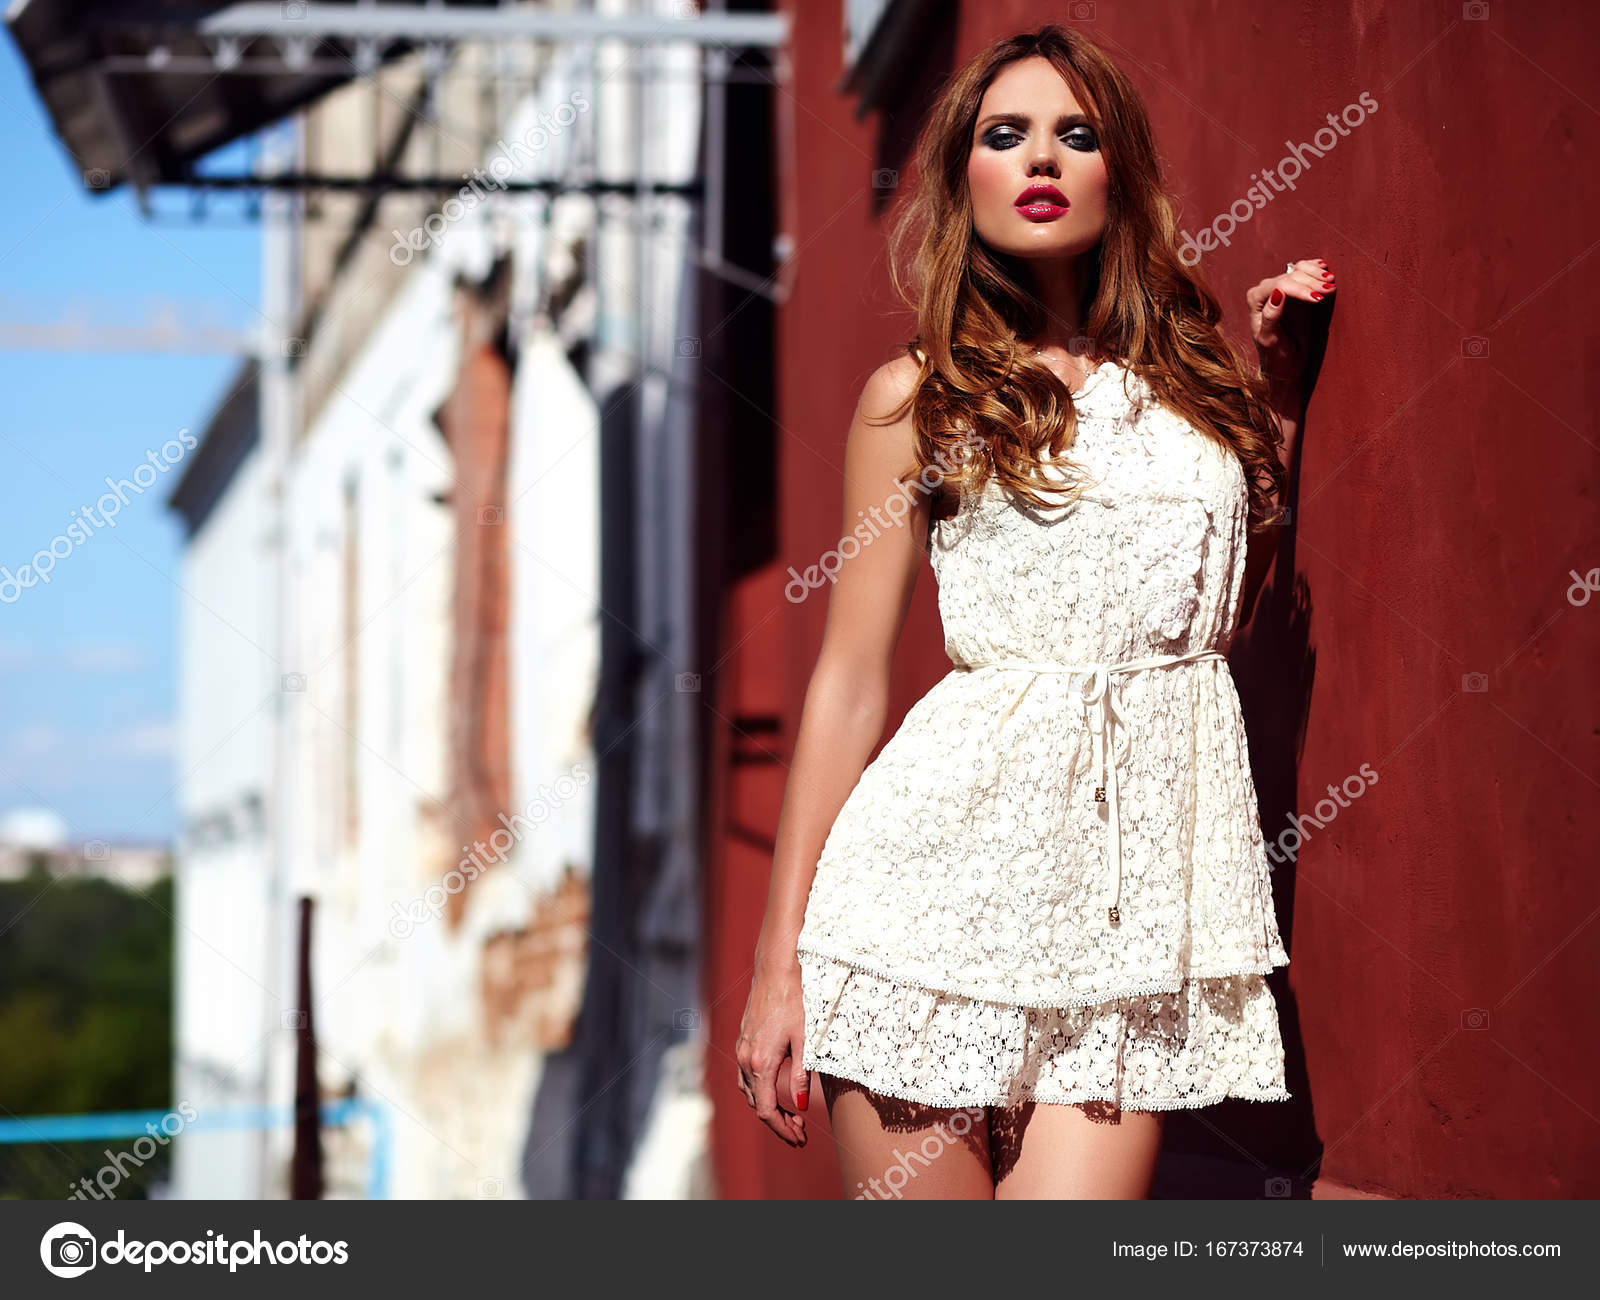 00c5f171f ... de hermosa sensual modelo de mujer joven Caucásica con maquillaje de  noche vestido de verano blanco posando en el fondo de la calle junto a la  pared ...